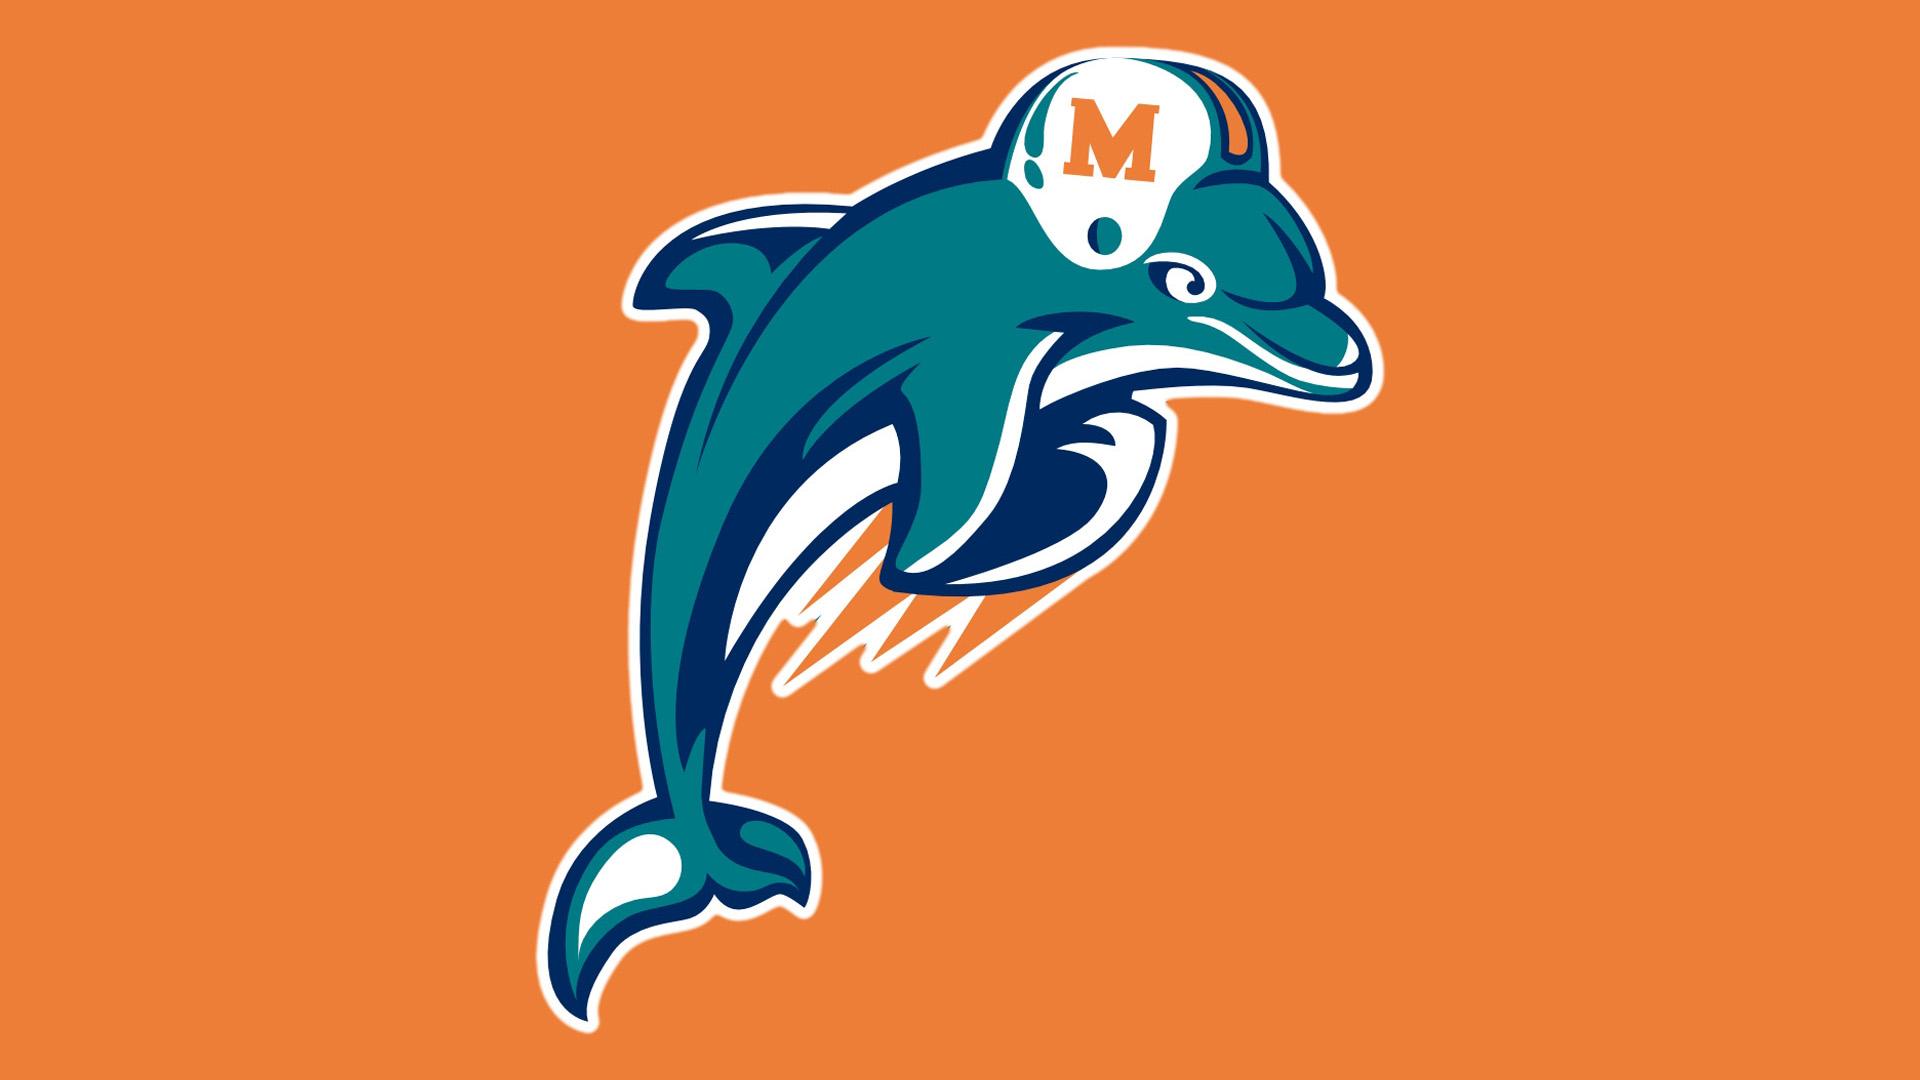 miami-dolphins-no-sun-1920x1080.jpg?w=19